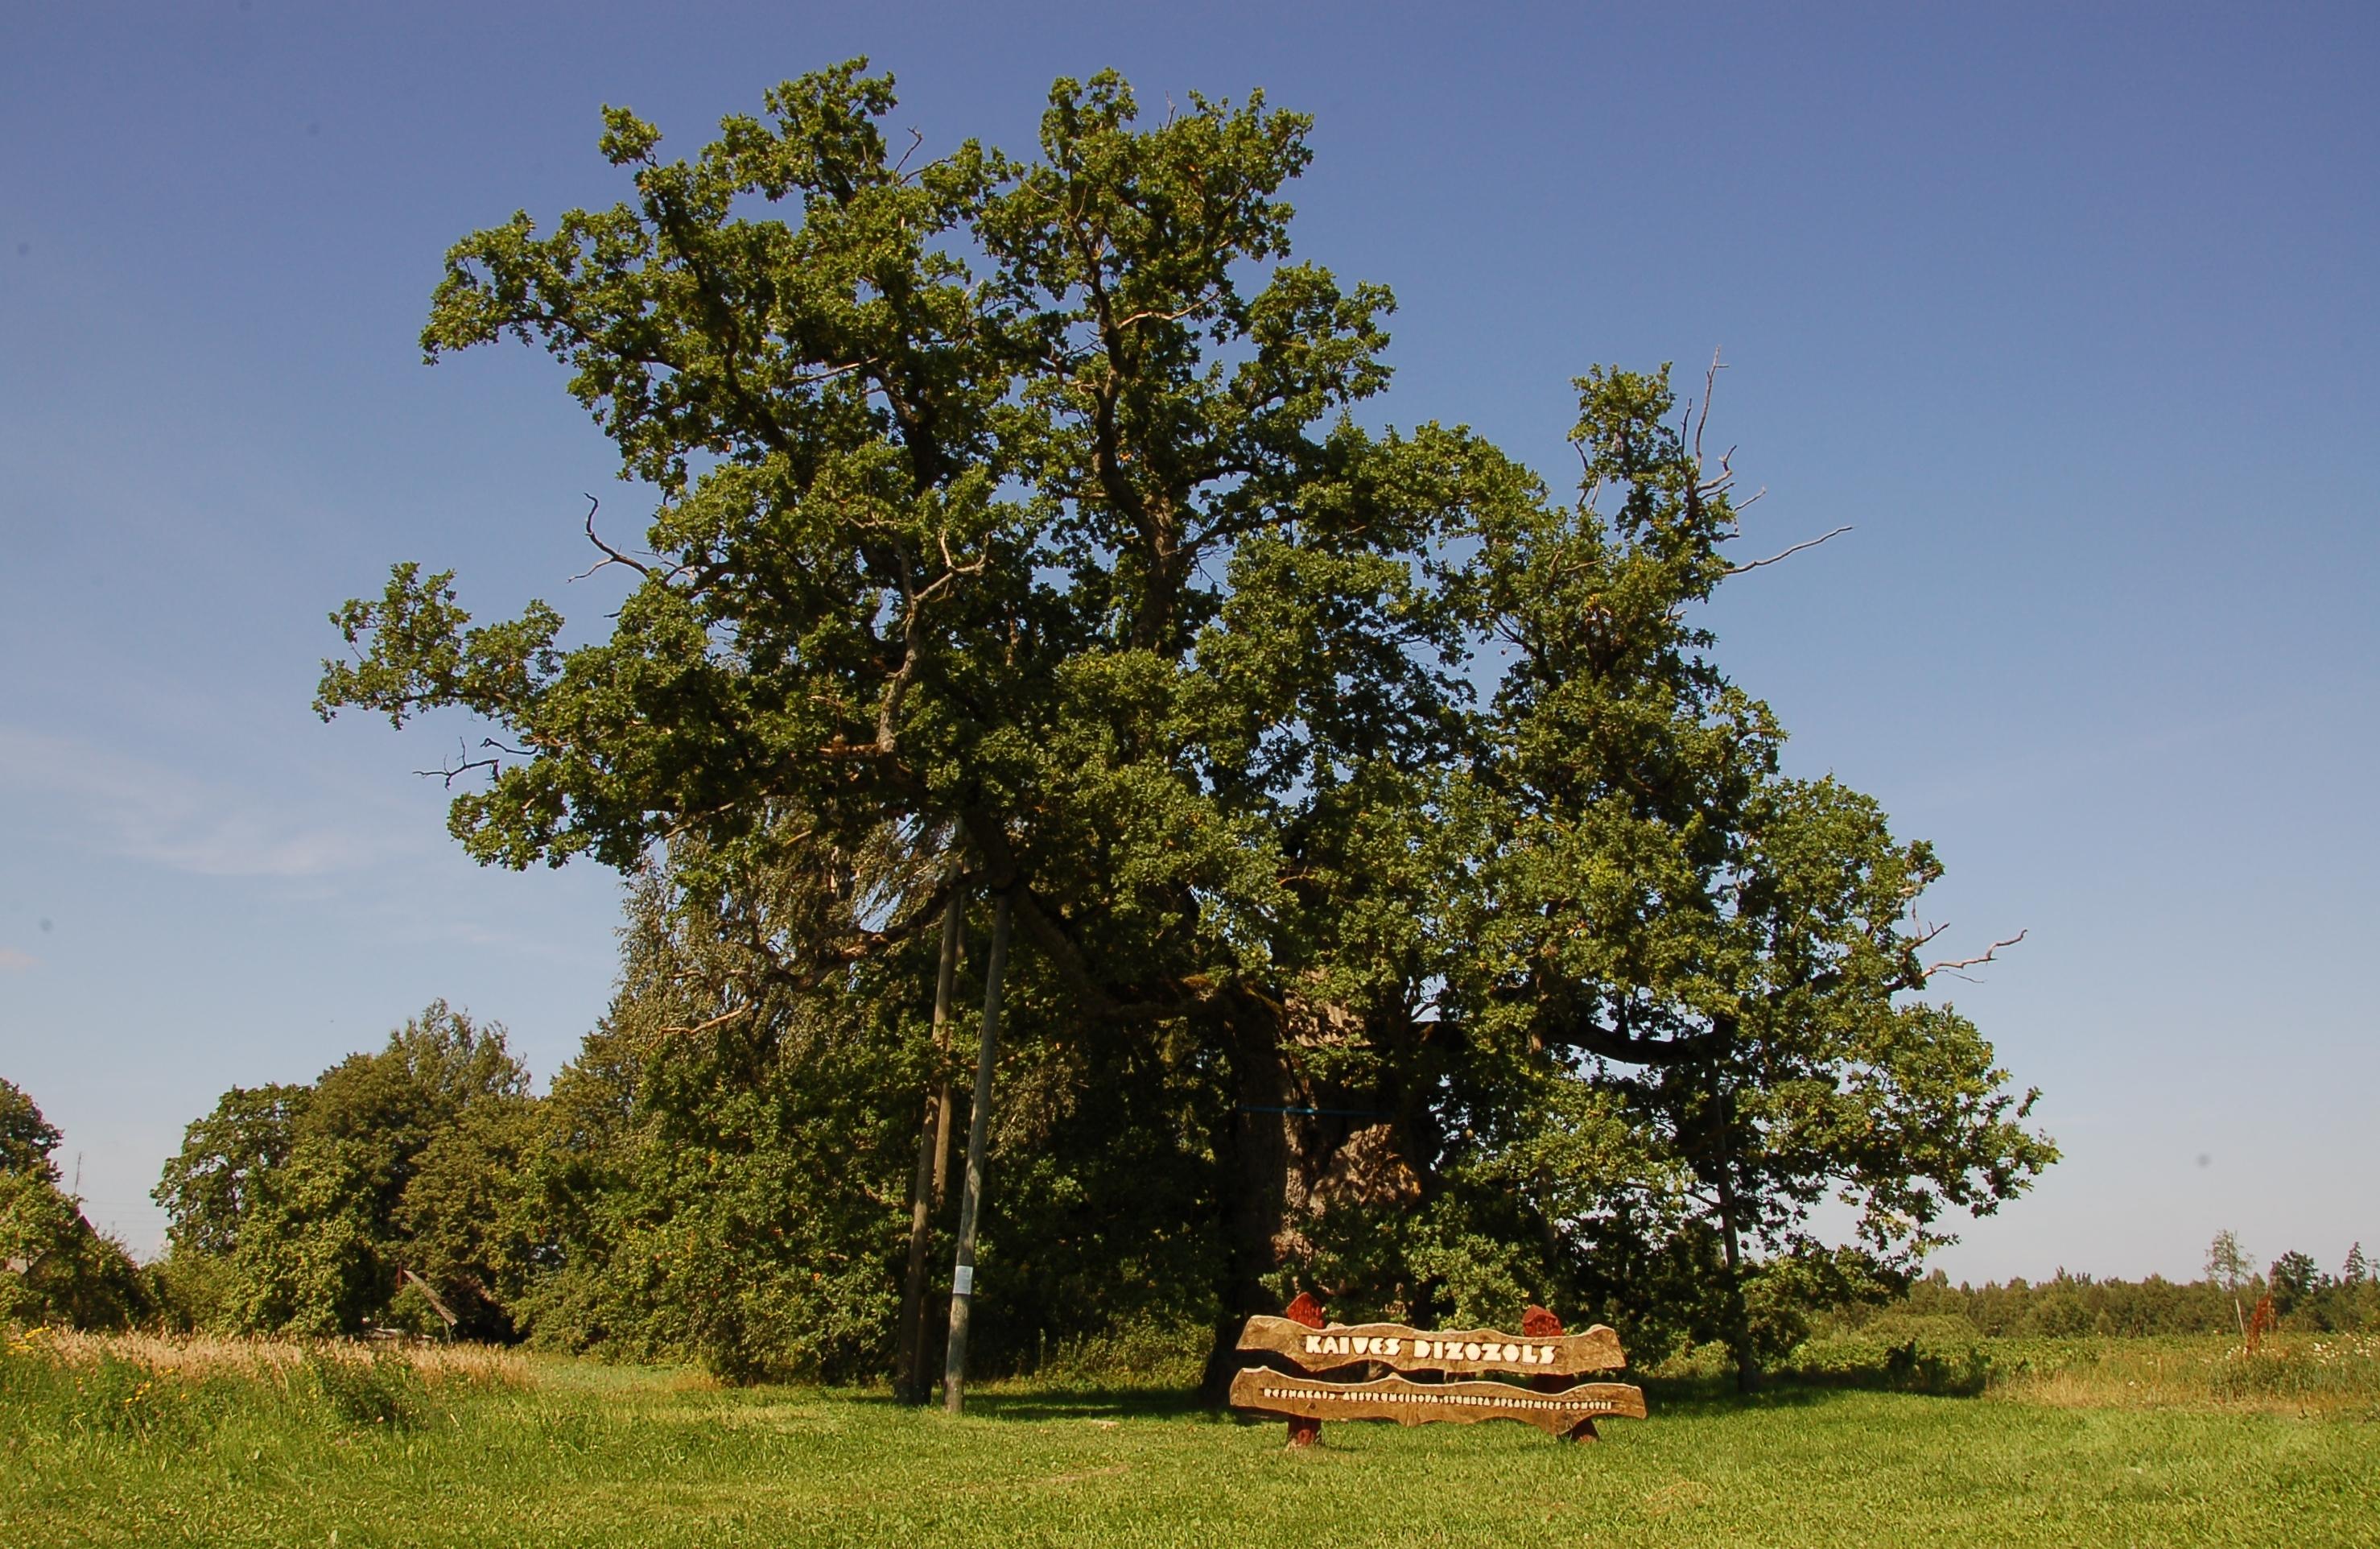 Дуб Кайвес - один из старейших в Латвии. Фото © Dace Balode